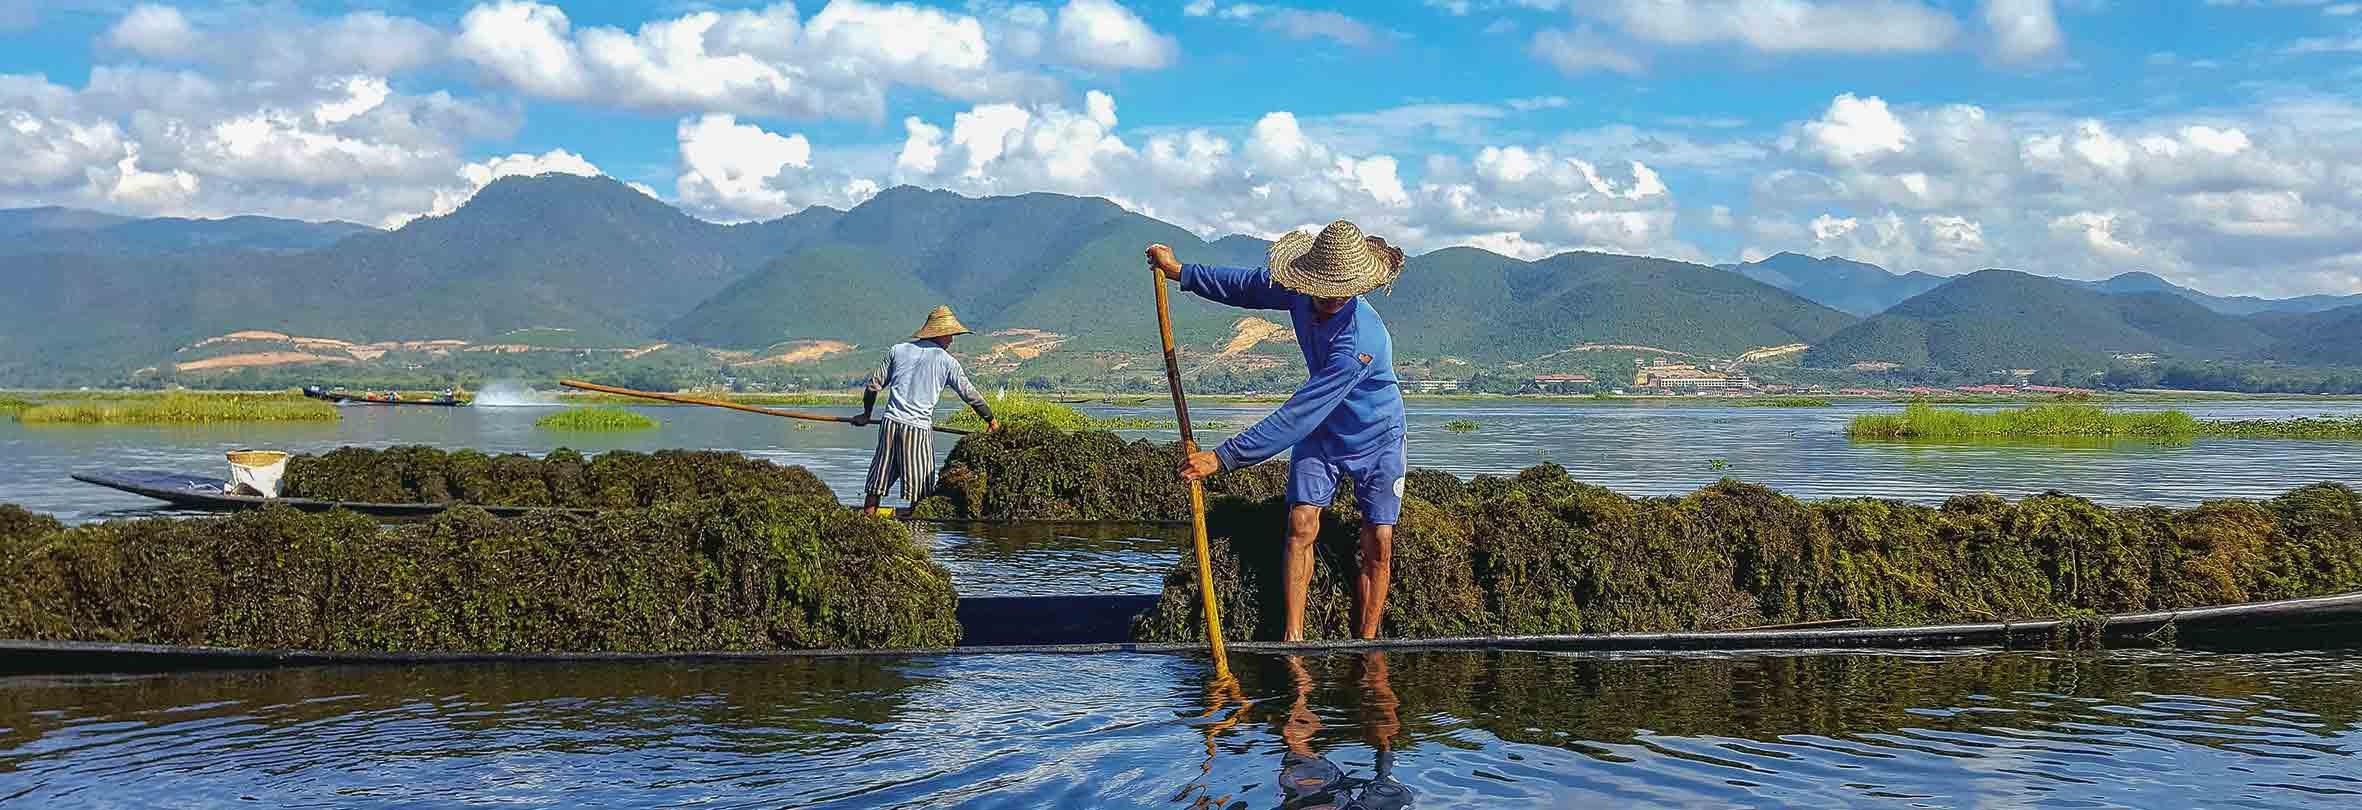 Gewinnung von Seegras für schwimmende Gärten im Inle-See